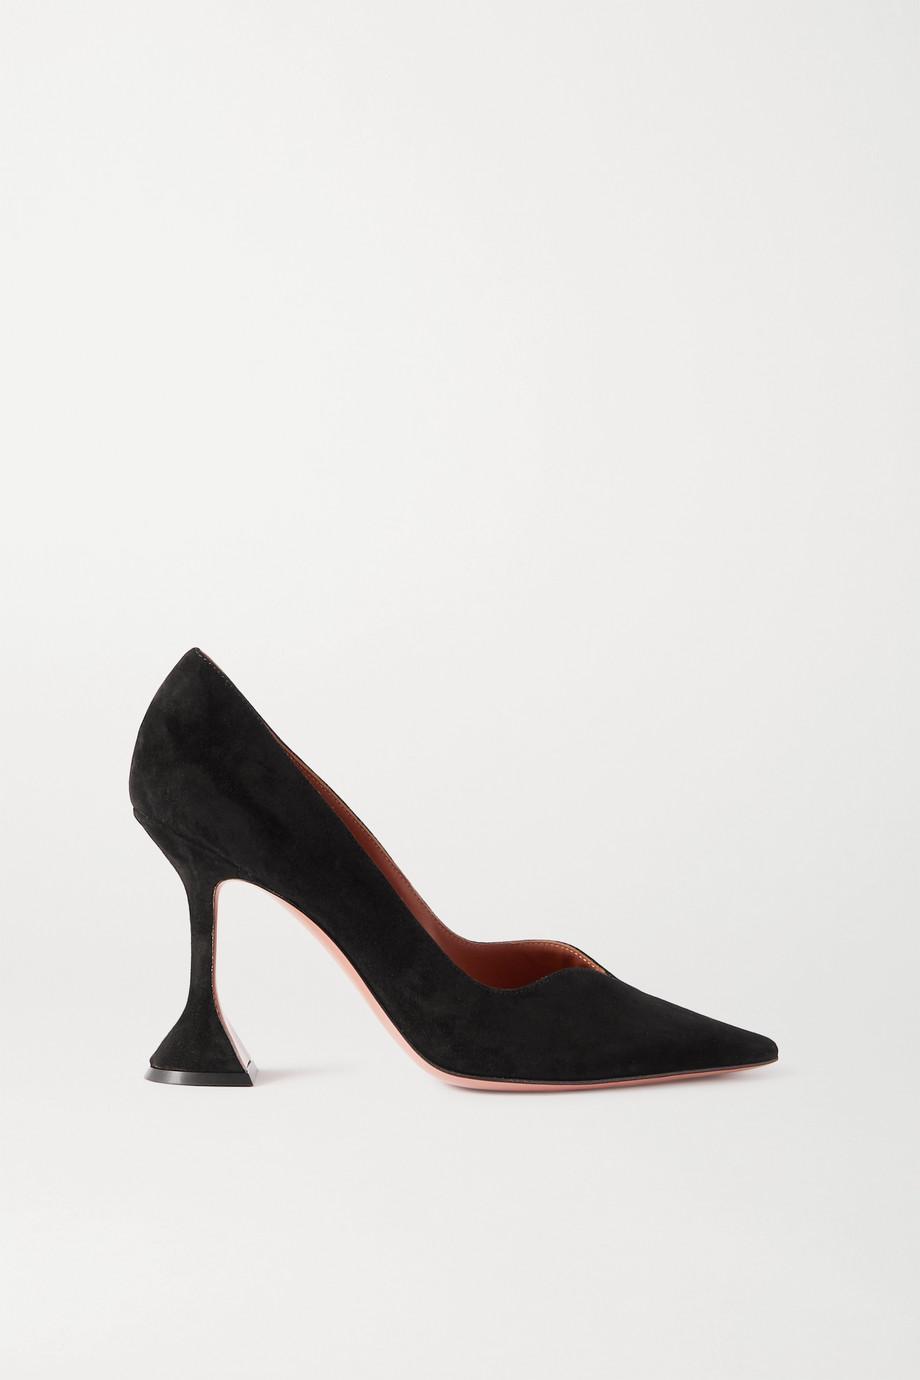 Amina Muaddi Georgia 绒面革高跟鞋